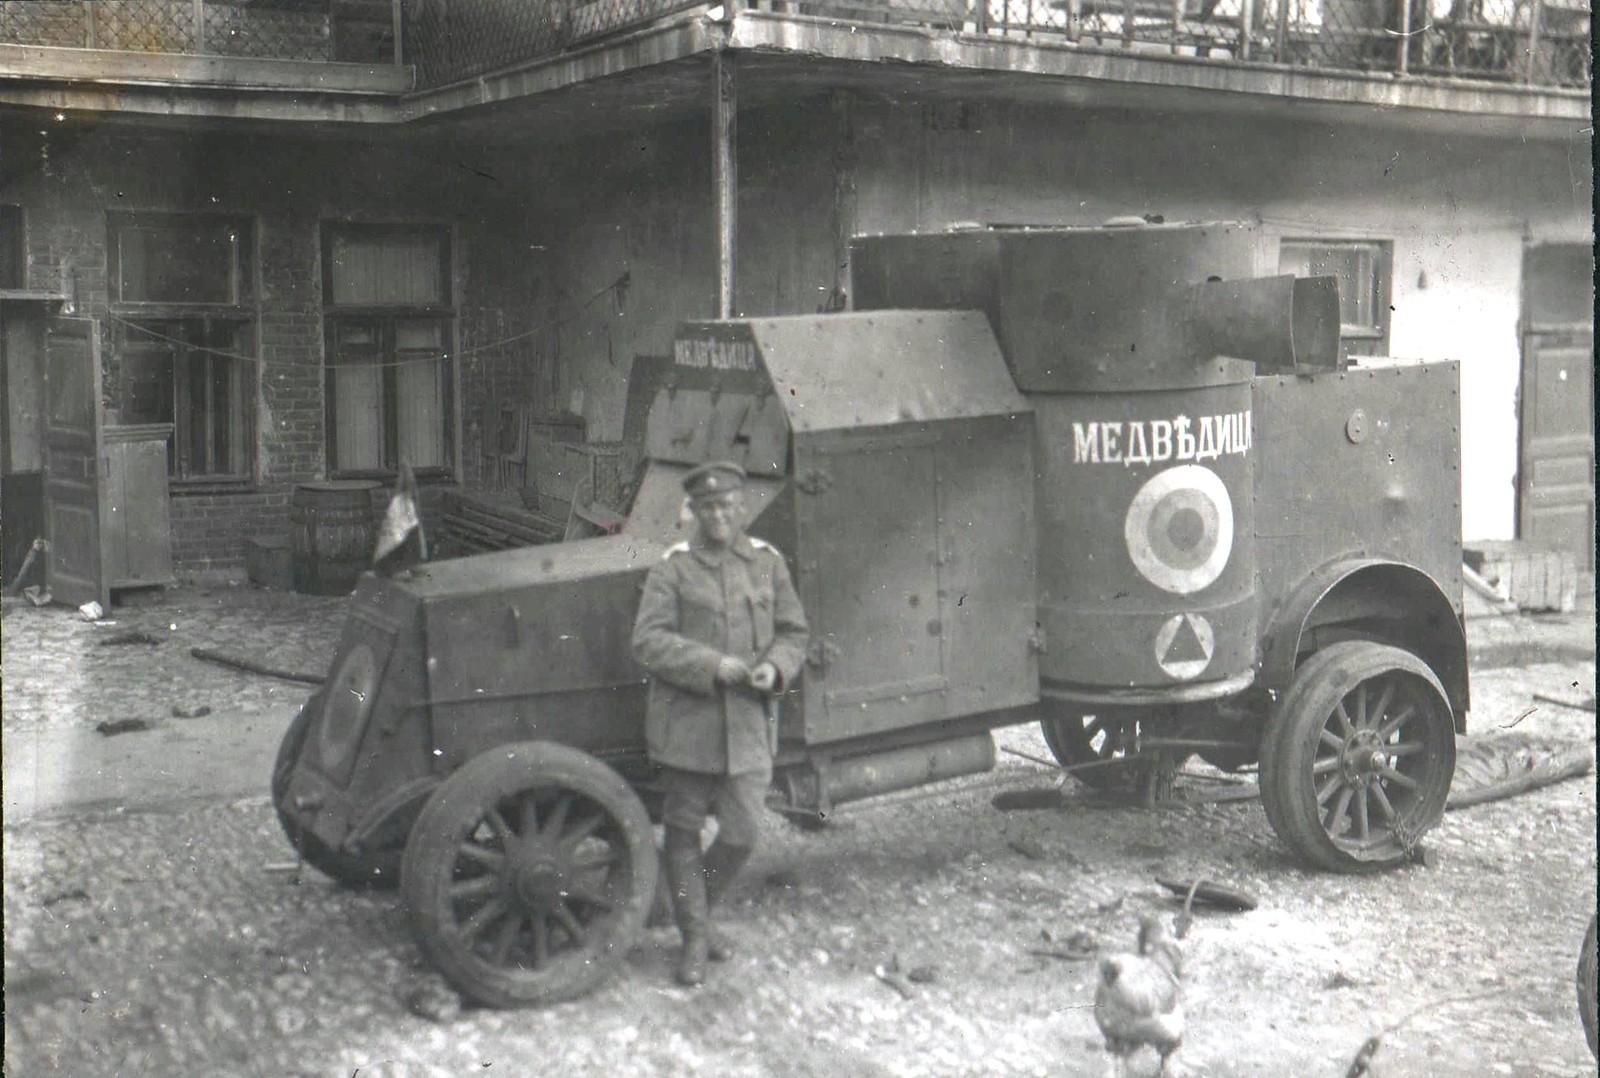 336. 1919. Бронеавтомобиль «Медведица» броневого дивизиона Донской армии